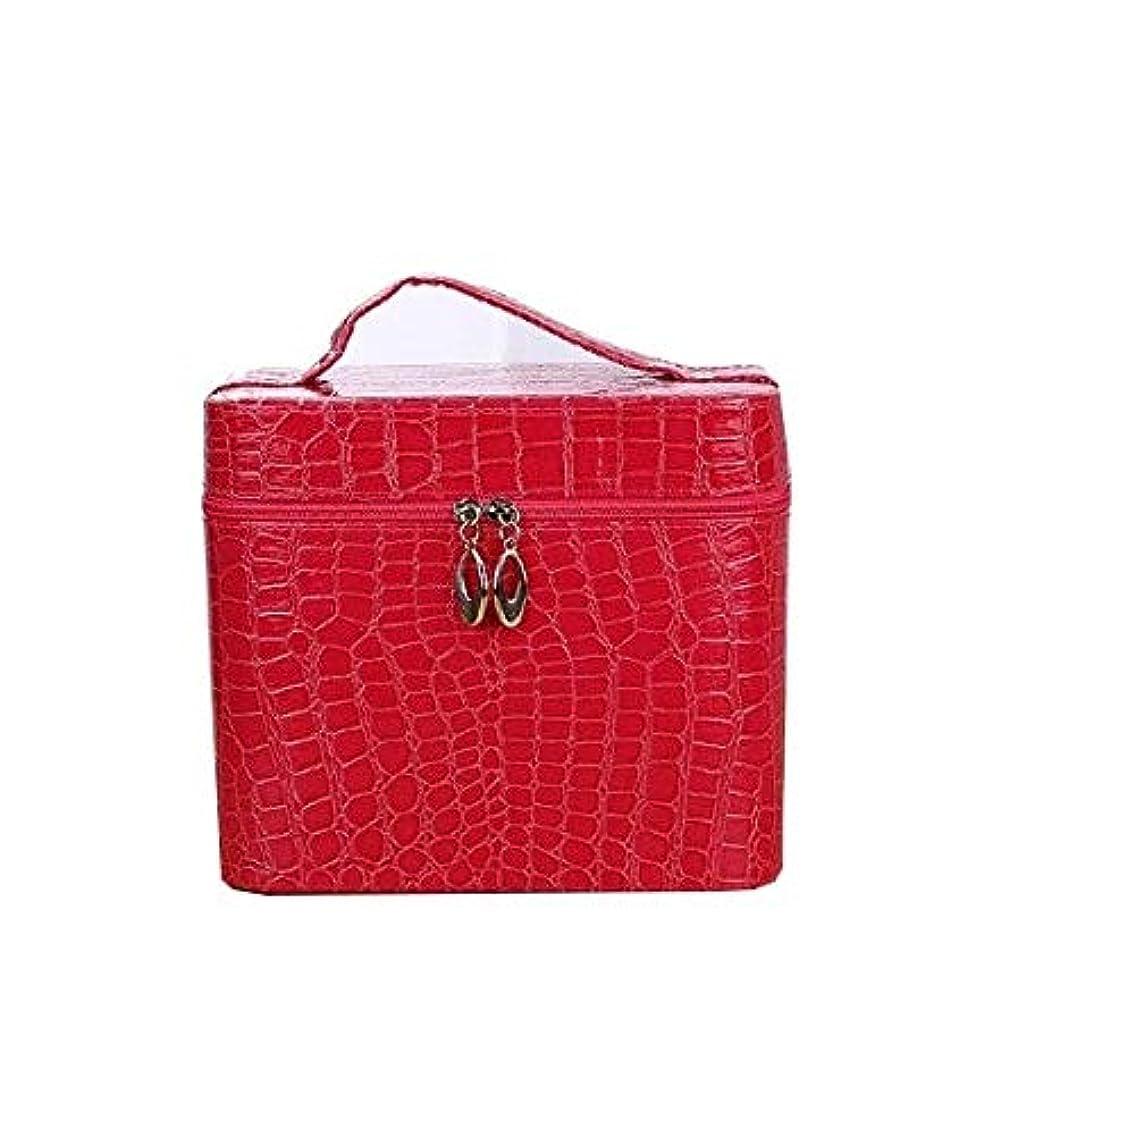 持つアクティビティ噴火化粧箱、赤、黒ワニ革ポータブル化粧品バッグ、ポータブルポータブル旅行化粧品ケース、美容ネイルジュエリー収納ボックス (Color : Red)